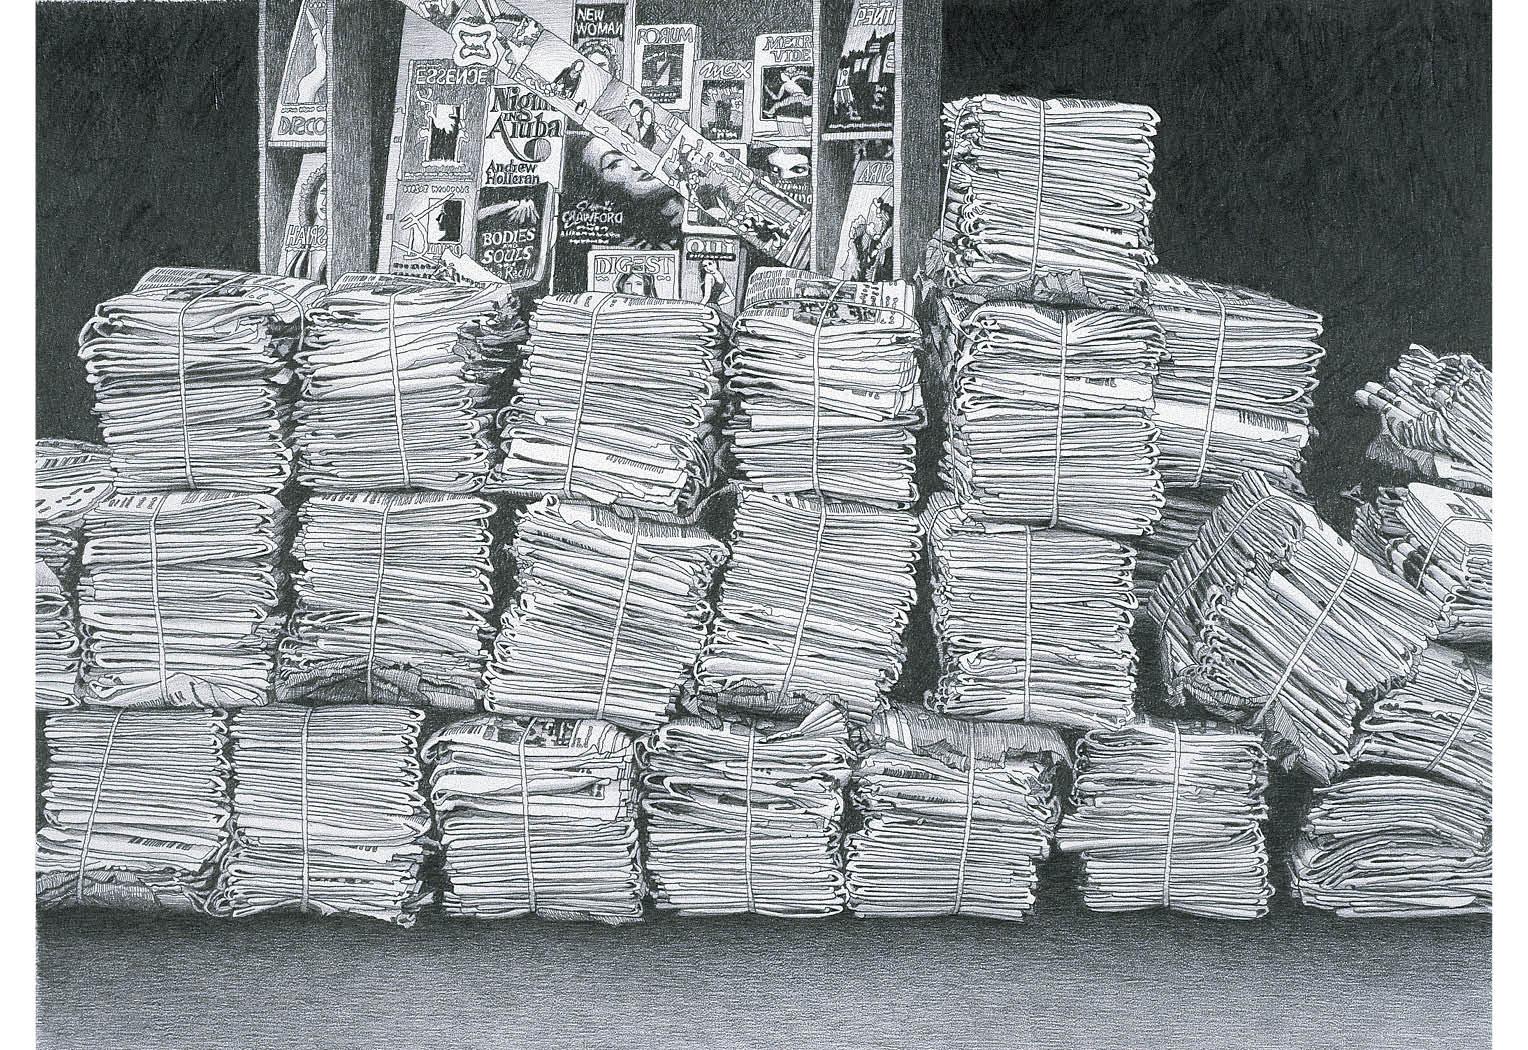 Newsstand No. 40-D